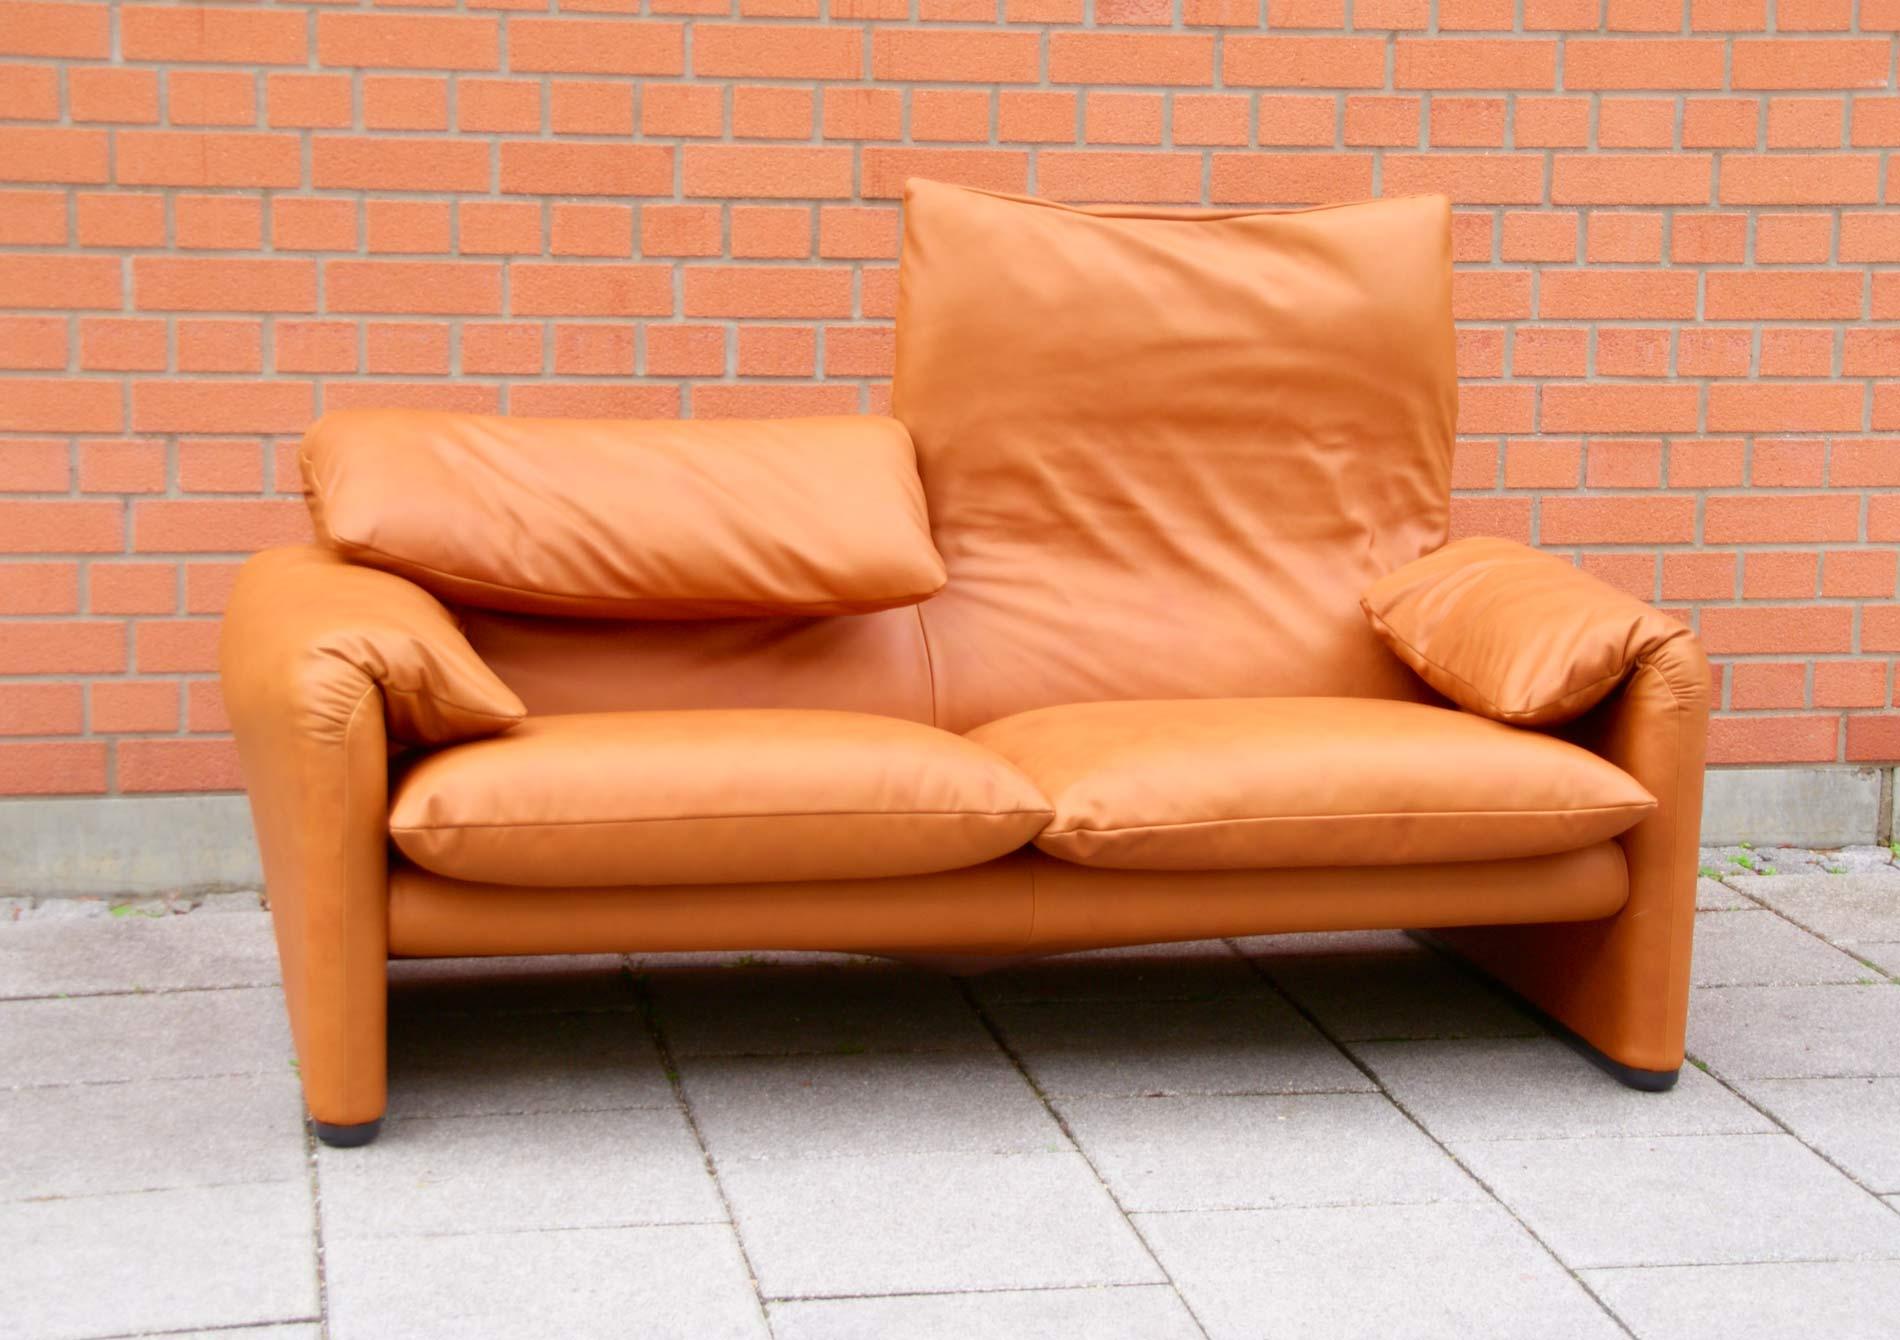 Neu maralunga beziehen sofa Cassina Maralunga,